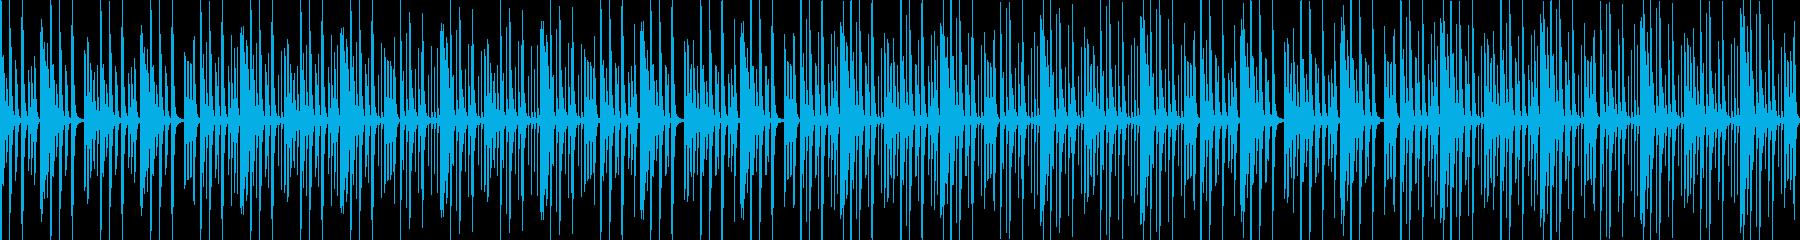 【ループ版】YouTube ピアノの再生済みの波形